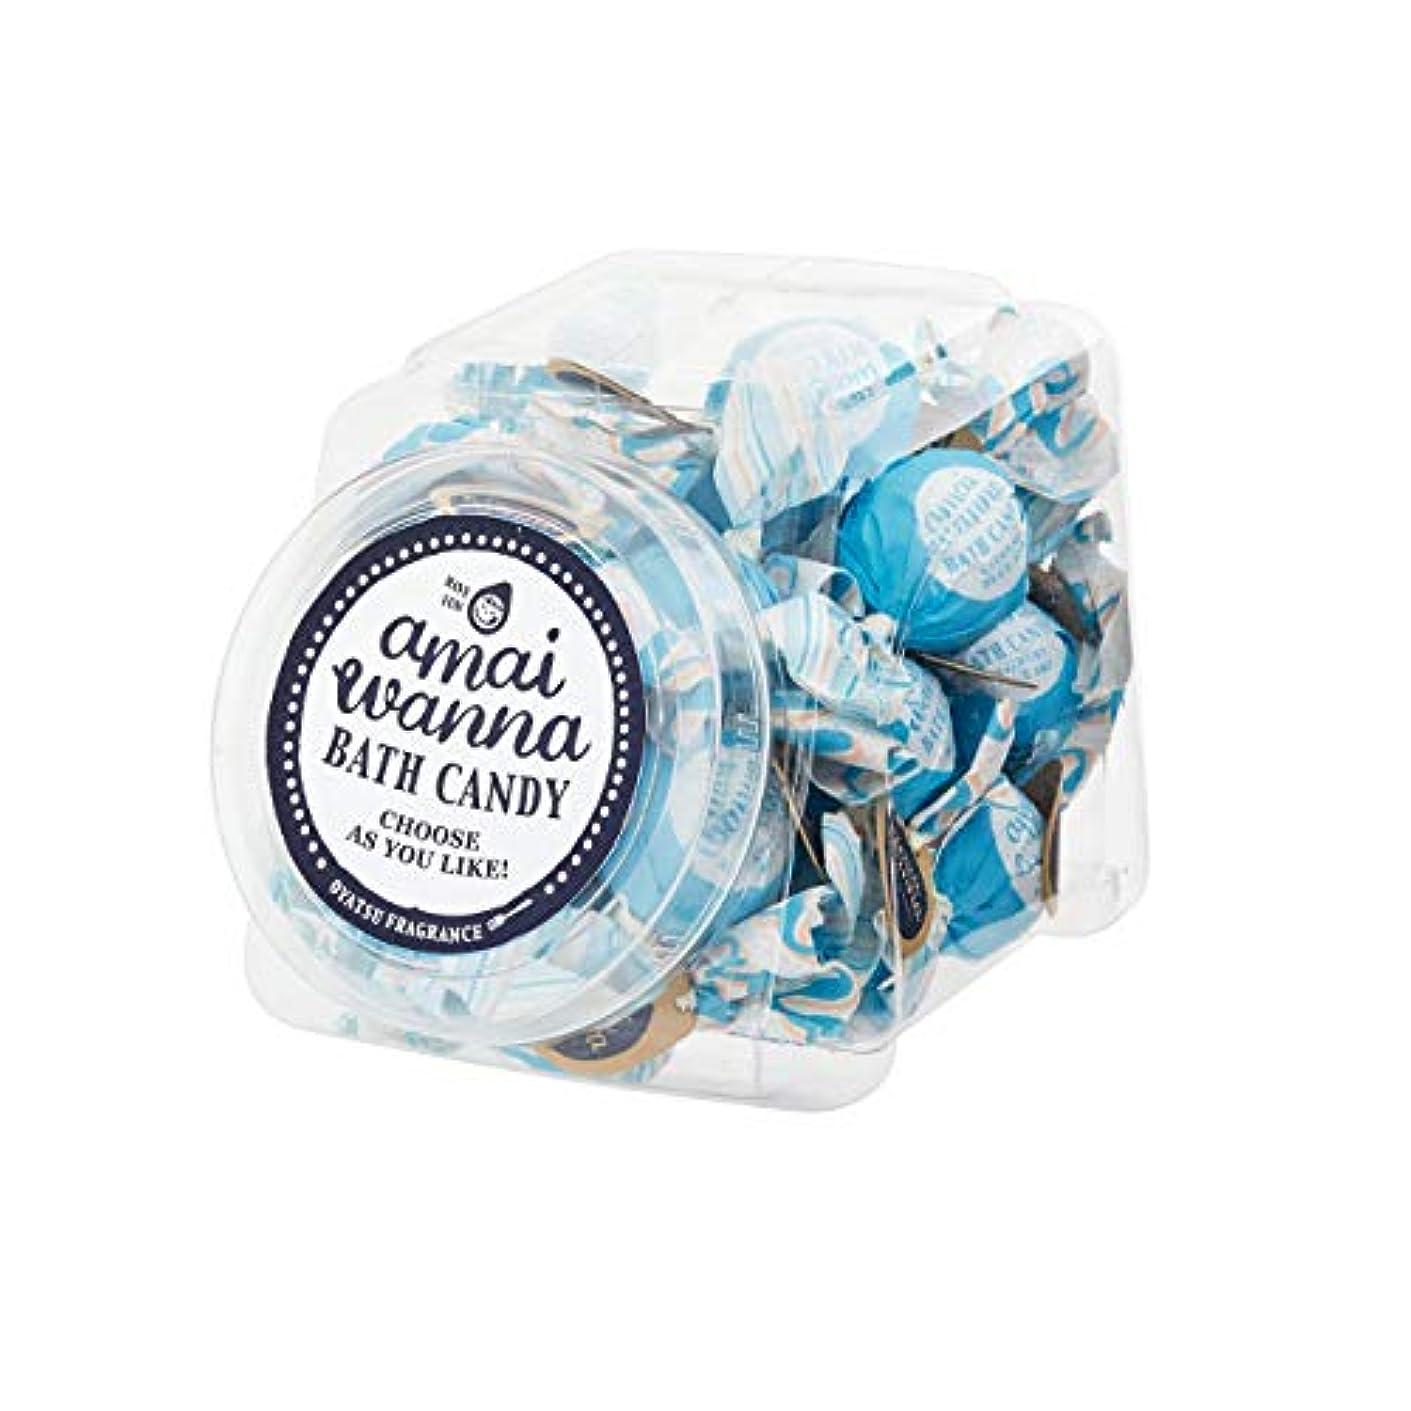 トラックリーズライナーアマイワナSP バスキャンディーポットセット24粒入り(青空シトラス バスギフト キャンディーの形の入浴料 大人可愛い)